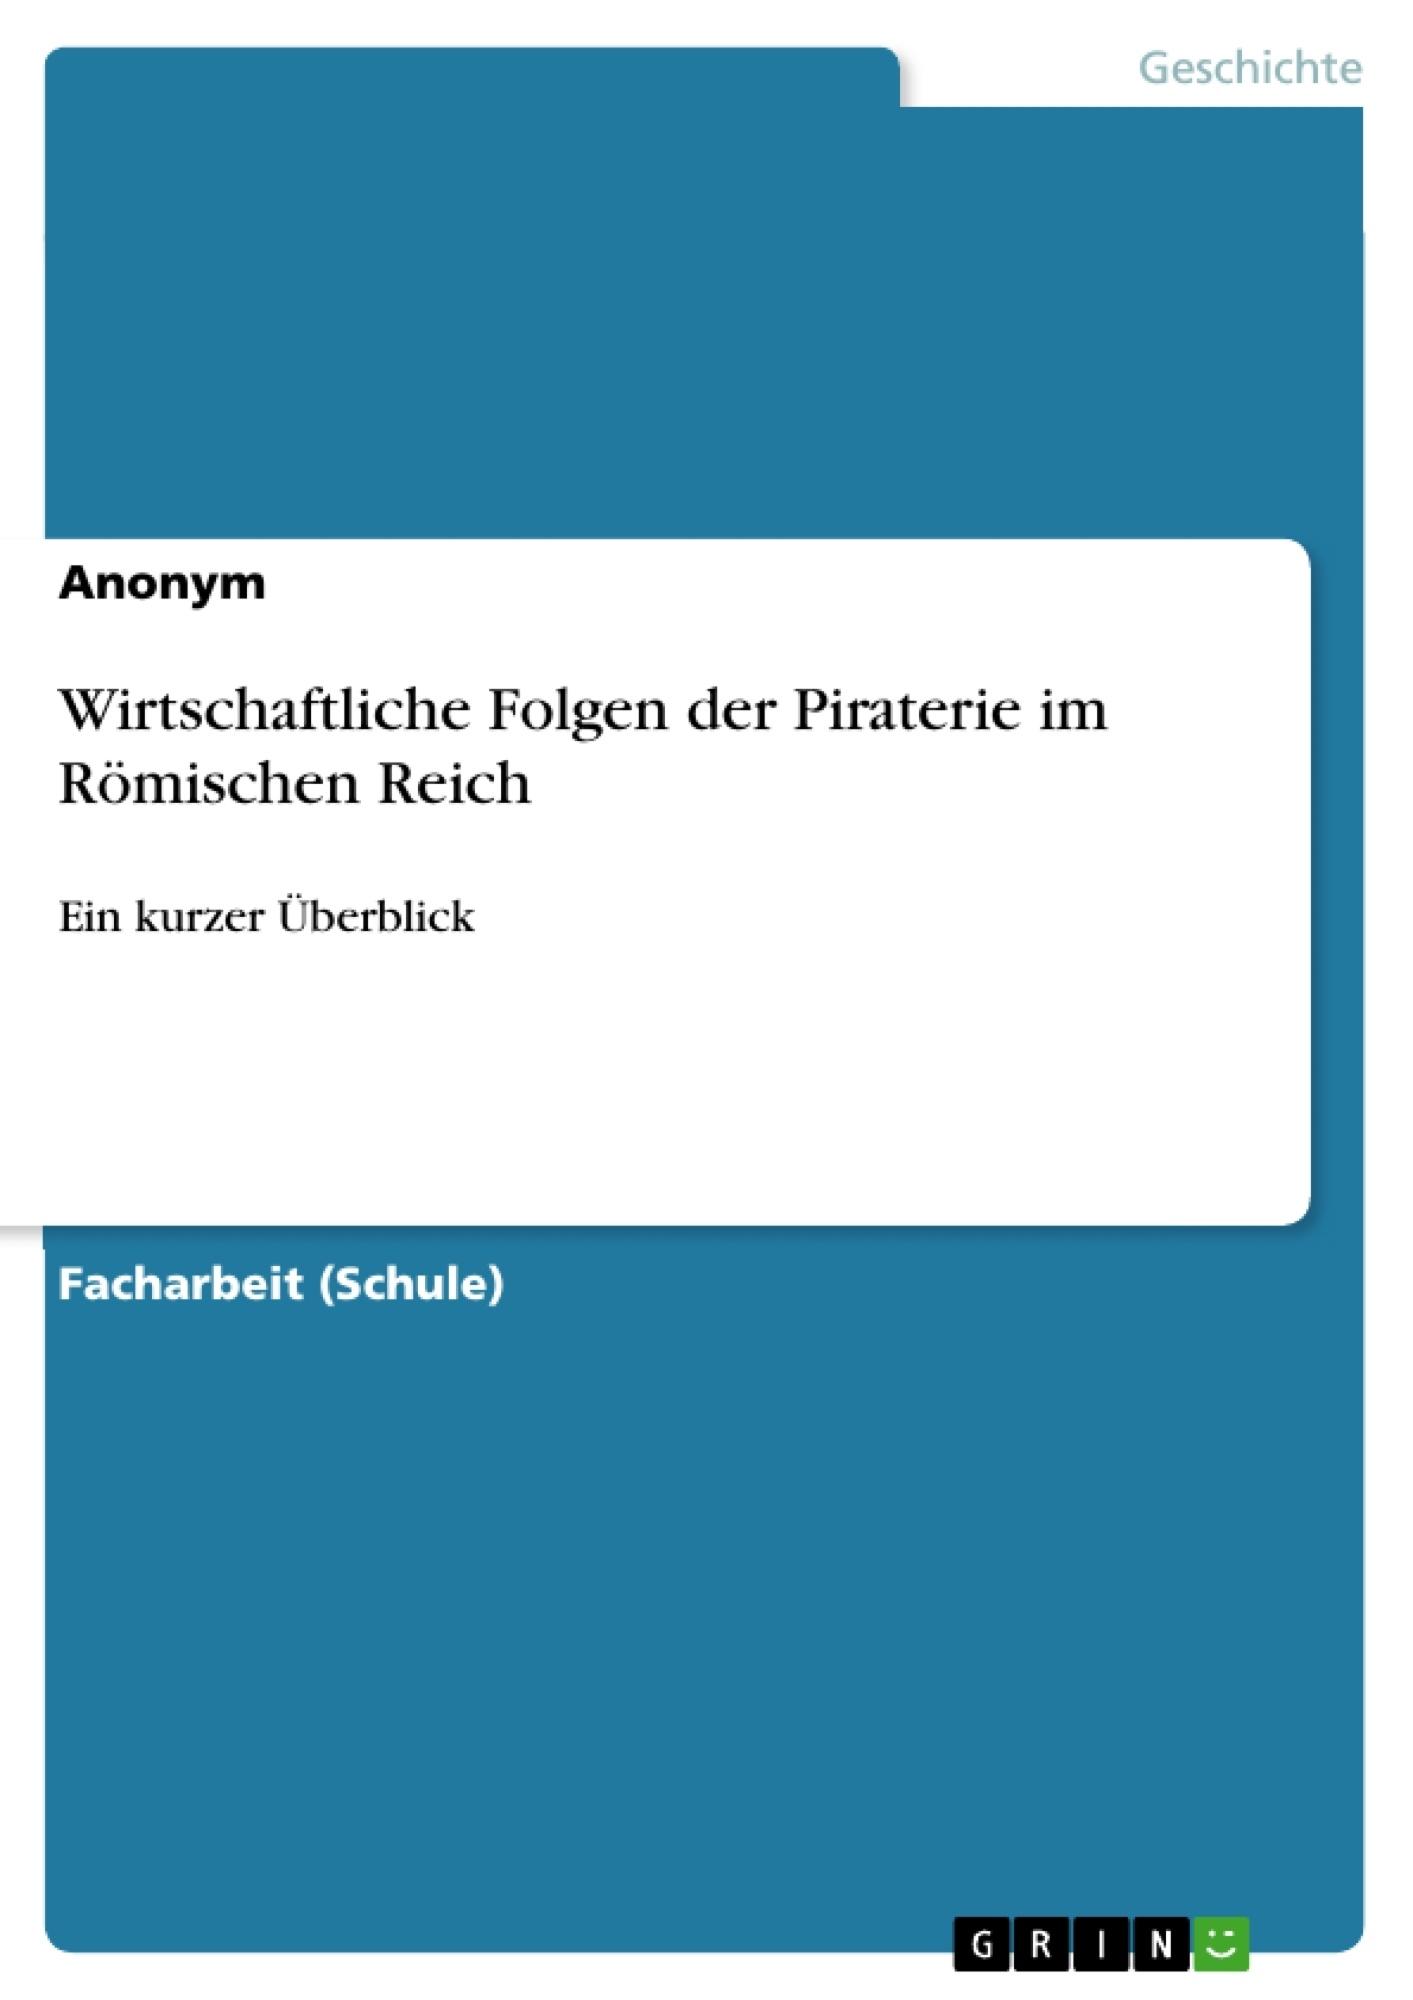 Titel: Wirtschaftliche Folgen der Piraterie im Römischen Reich